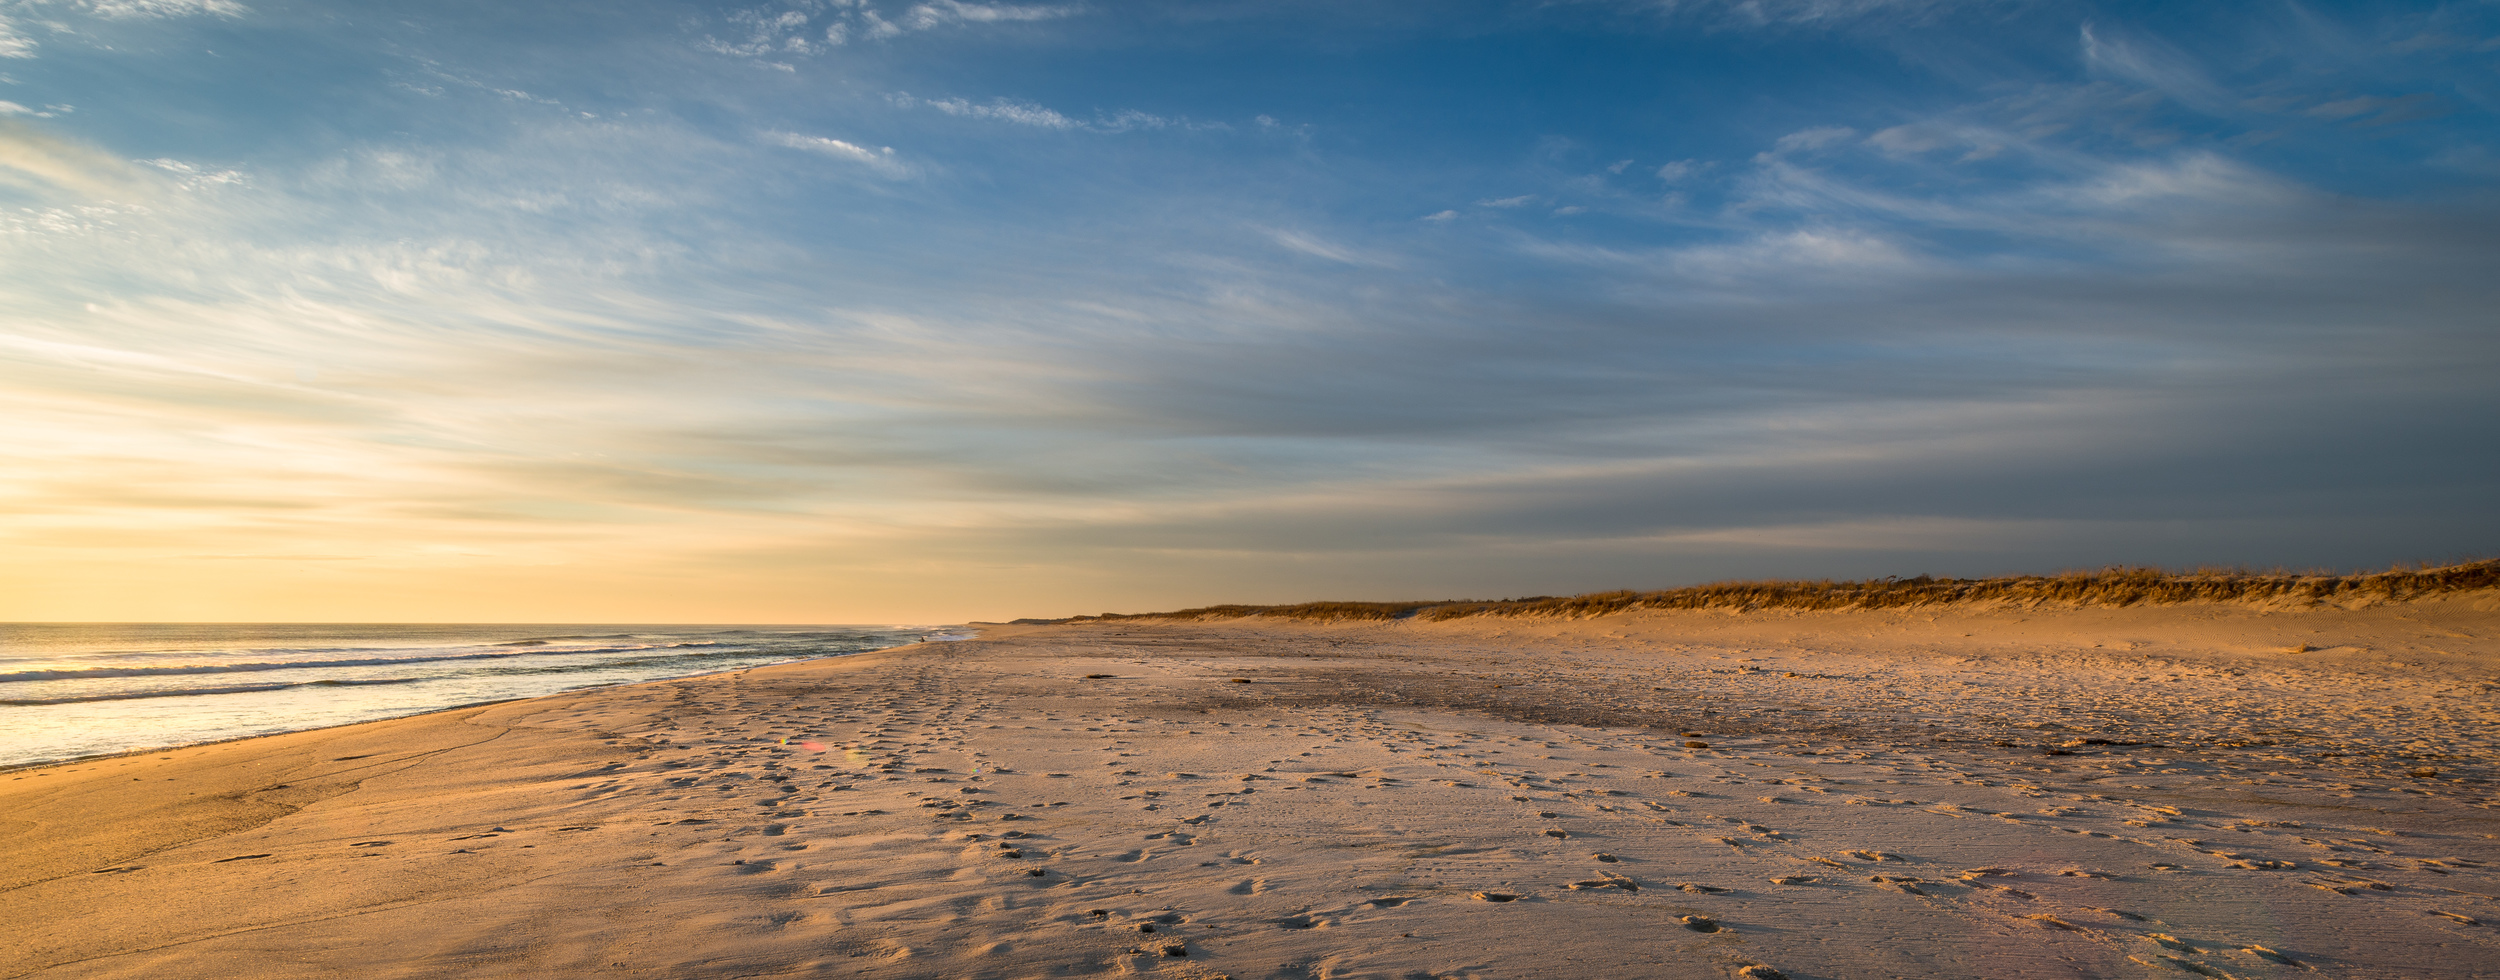 Footprints at Nauset Beach